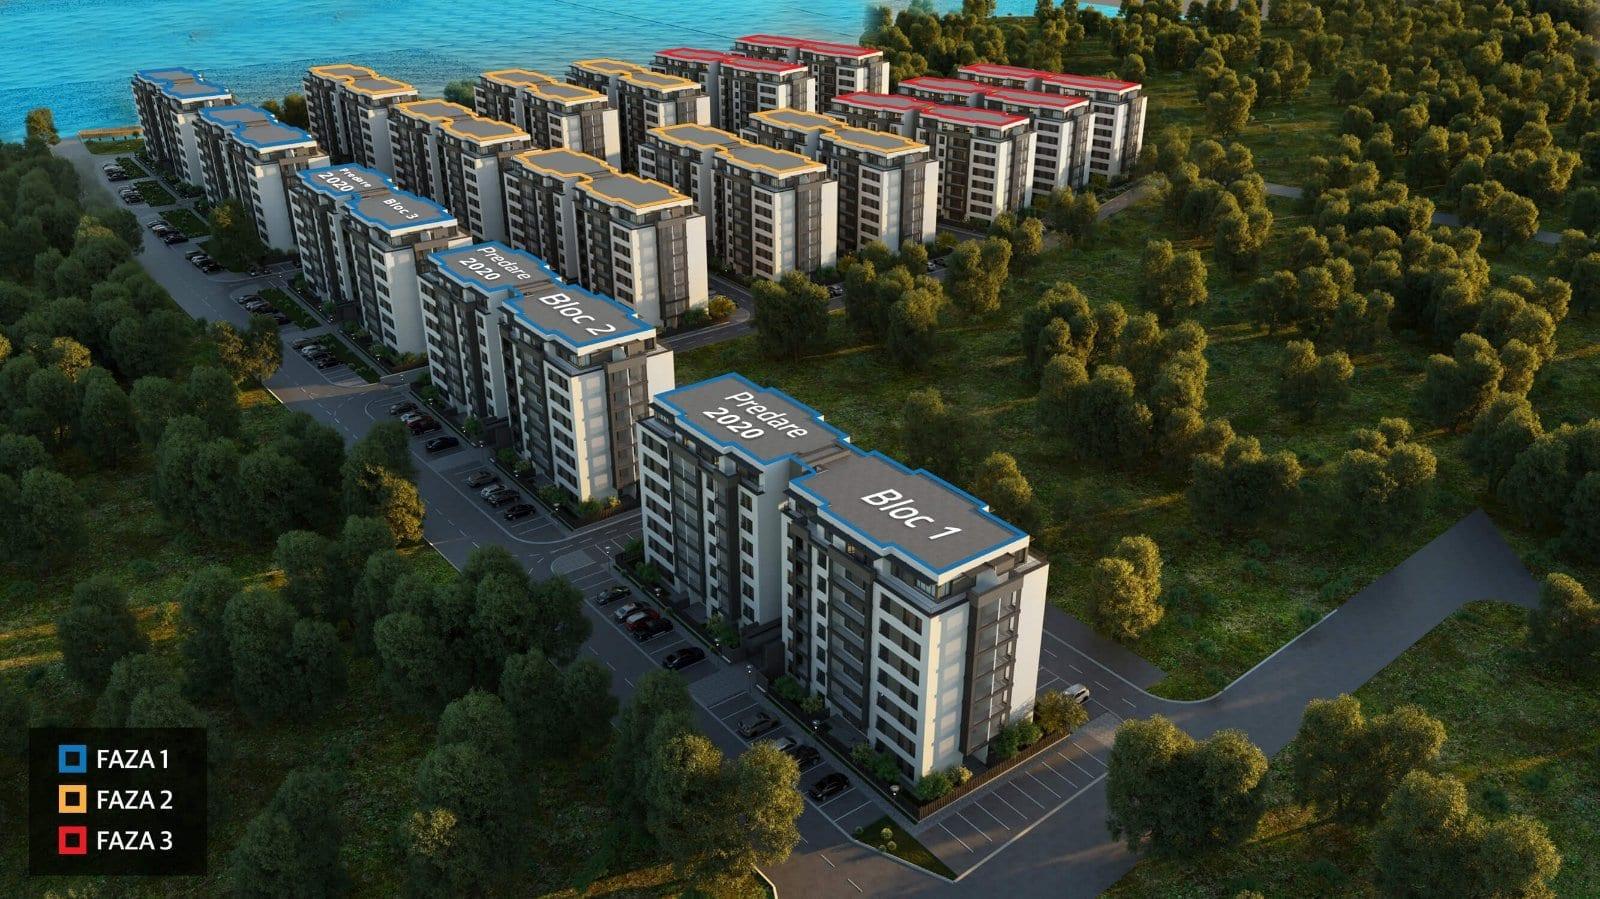 h pipera lake - HAGAG Development Europe începe investiția de 90 de milioane de euro în apartamentele din Pipera